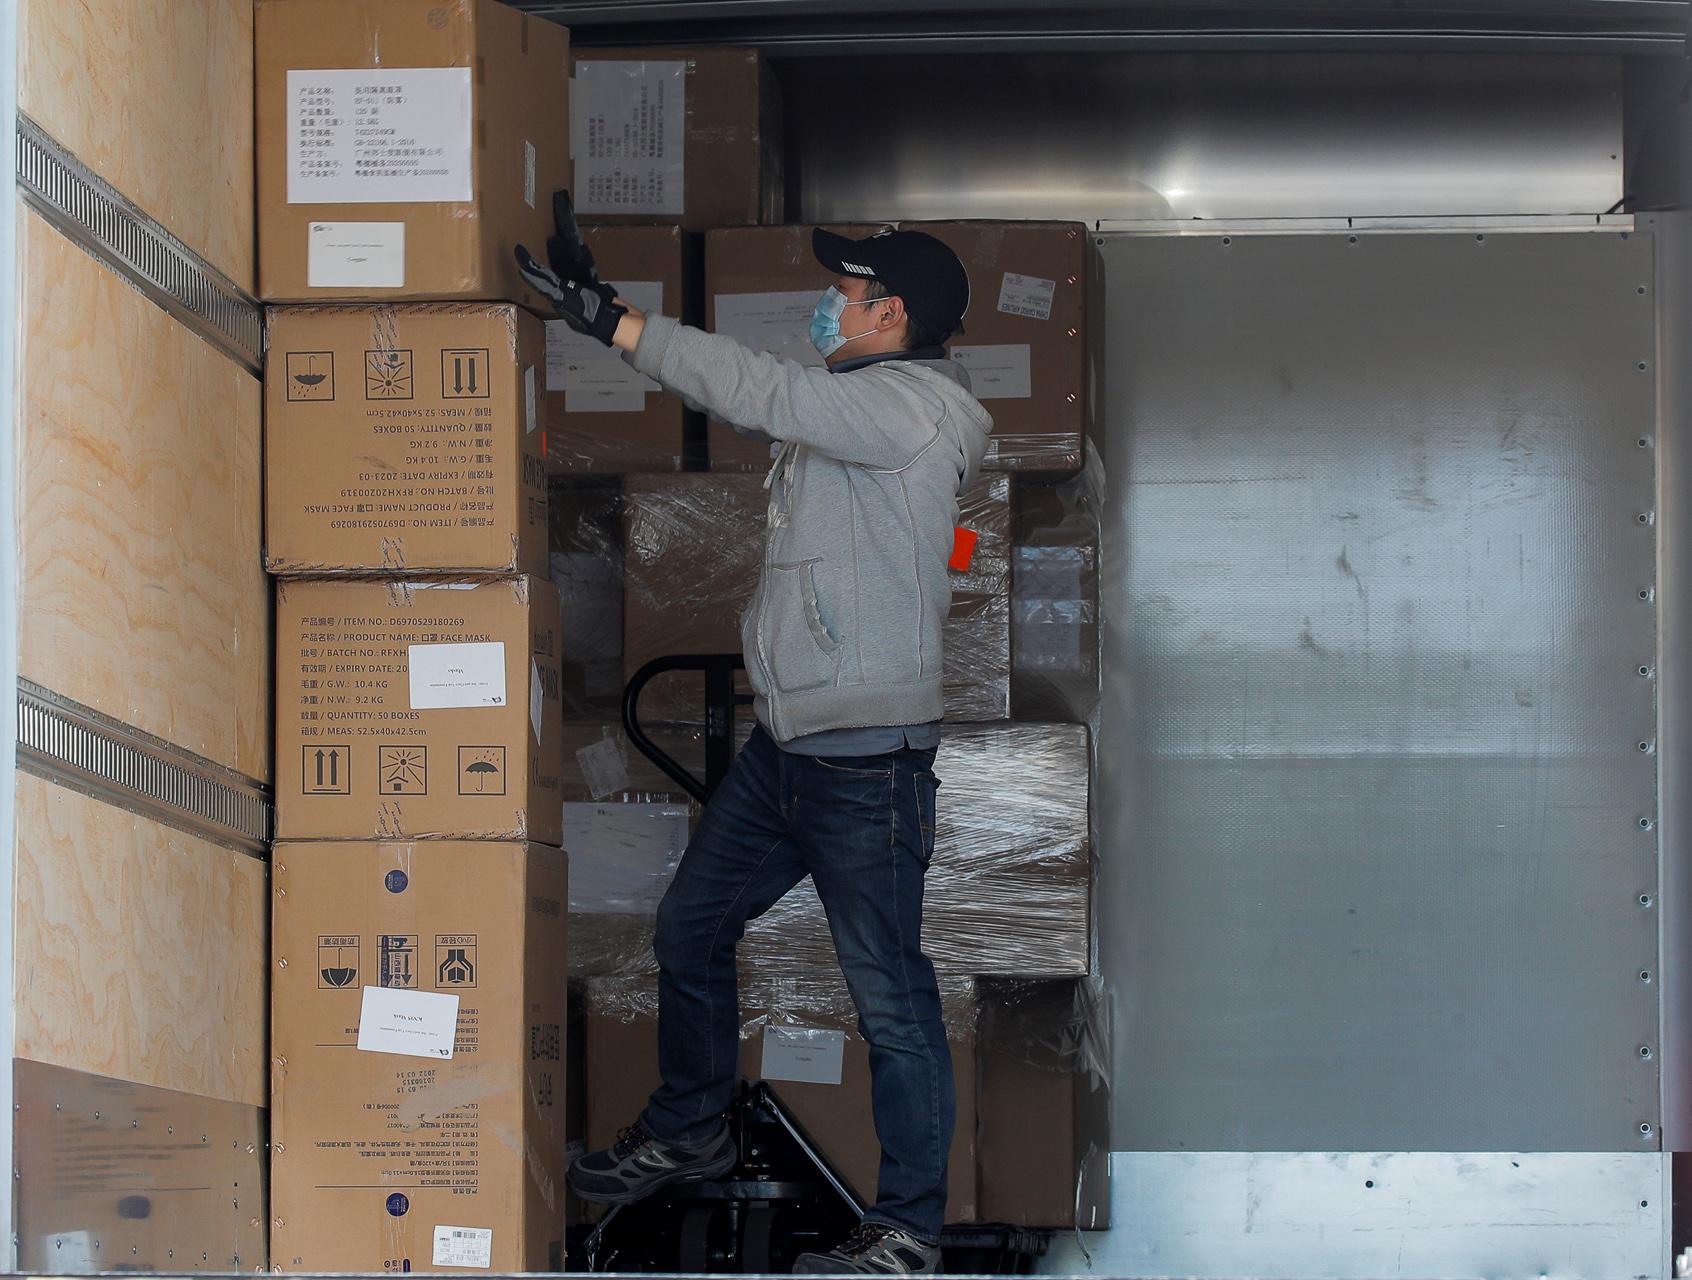 Κορονοϊός: Πάνω από 15 εκατομμύρια Αμερικανοί ζήτησαν επίδομα ανεργίας